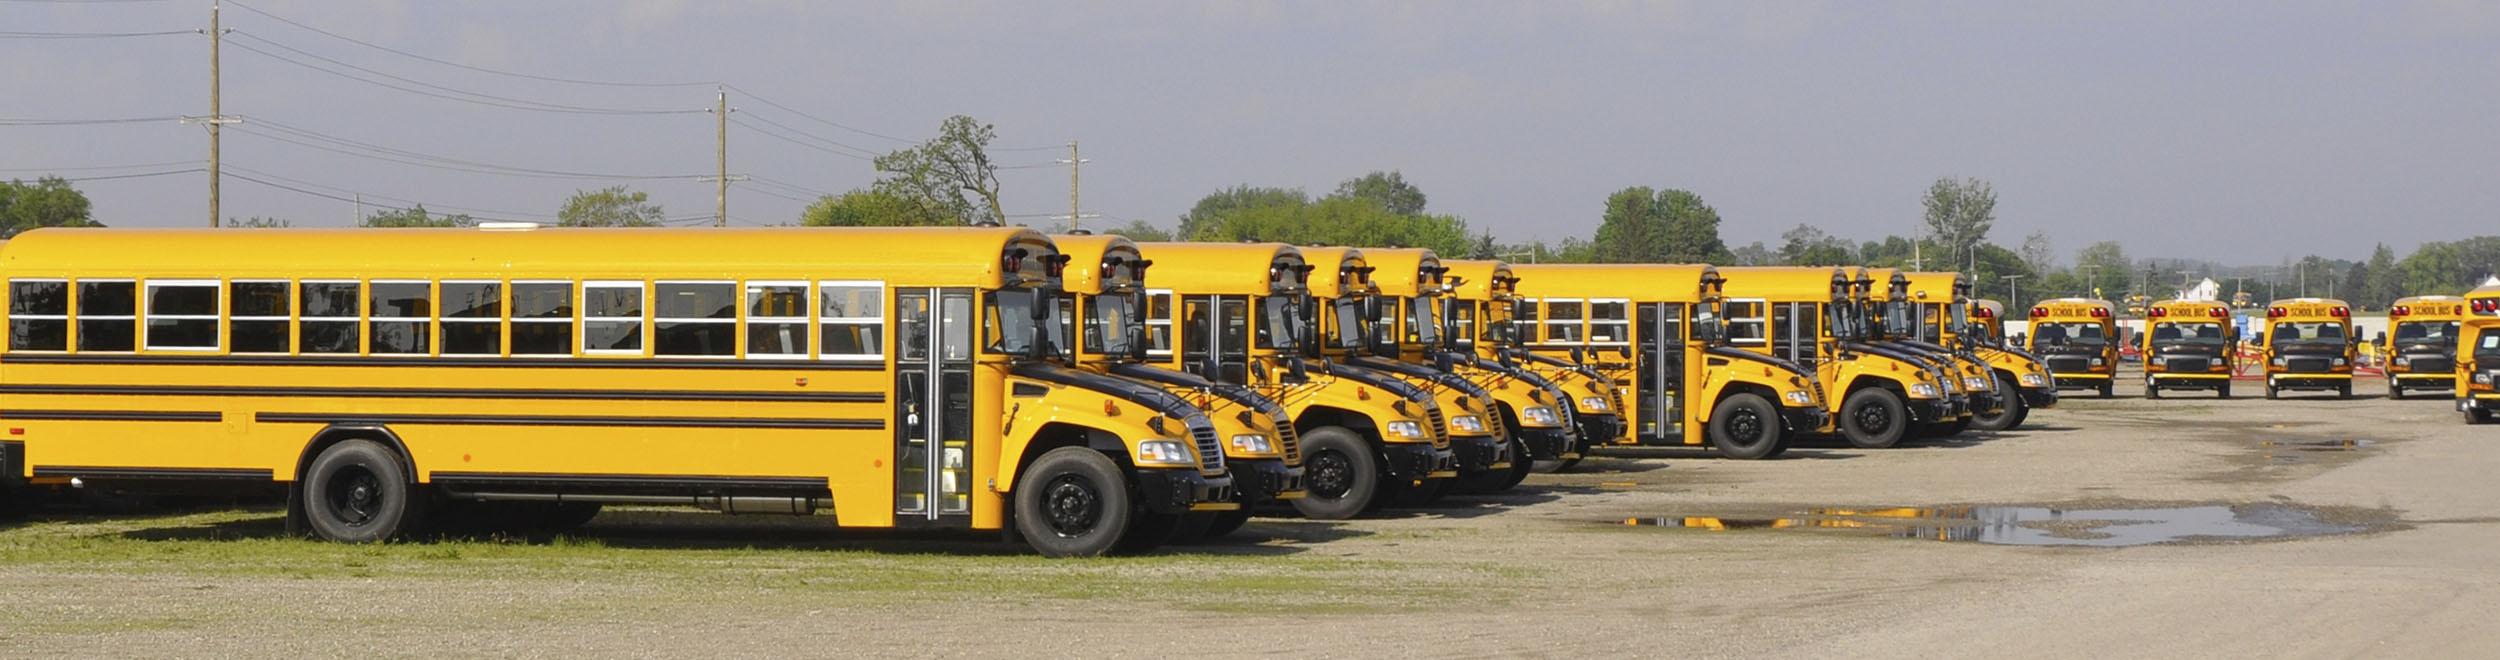 Transportation Management System Set Up